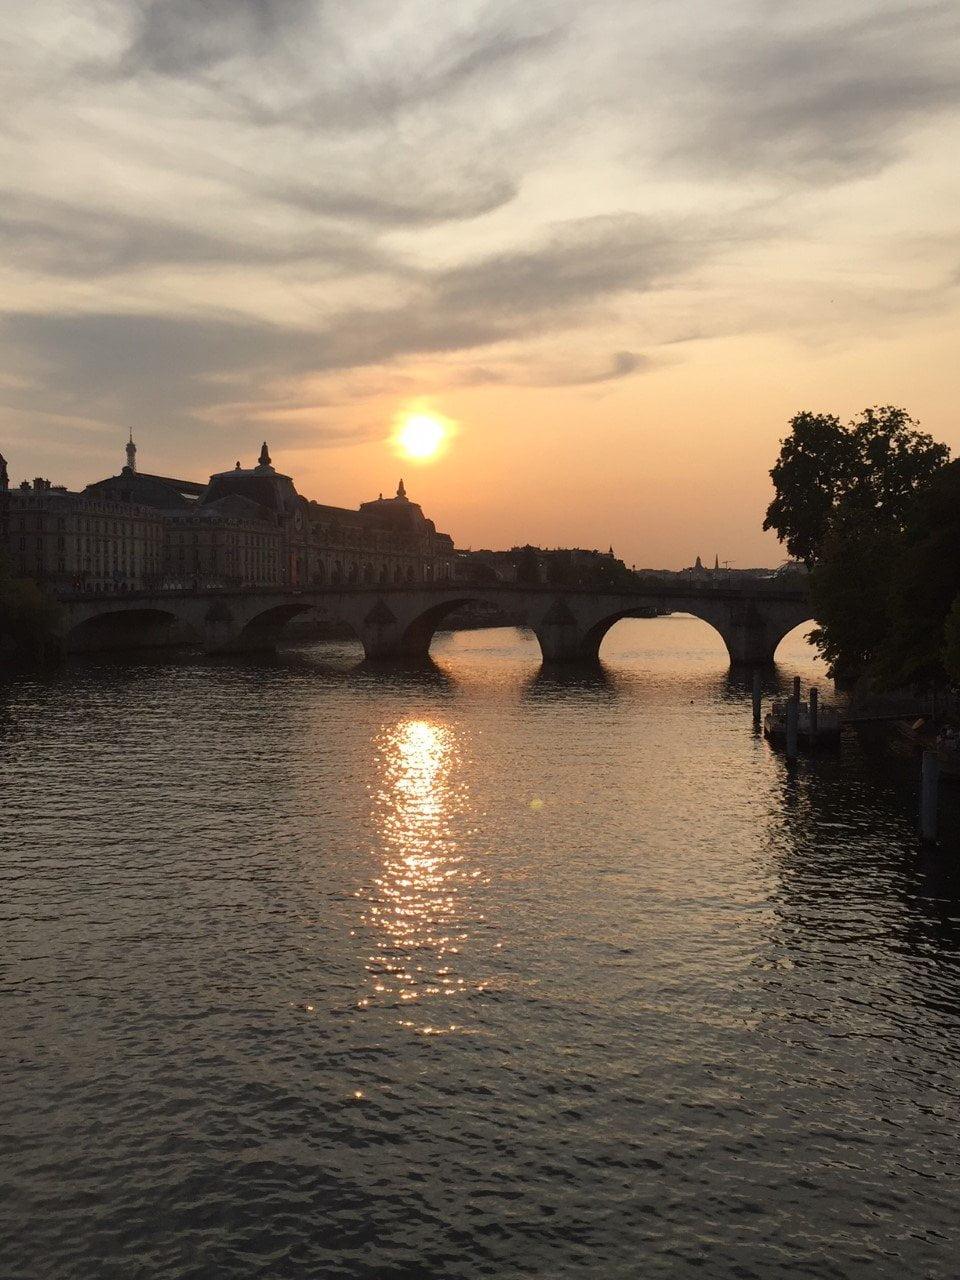 Deze foto van Parijs is wel een van mijn favoriete foto's.